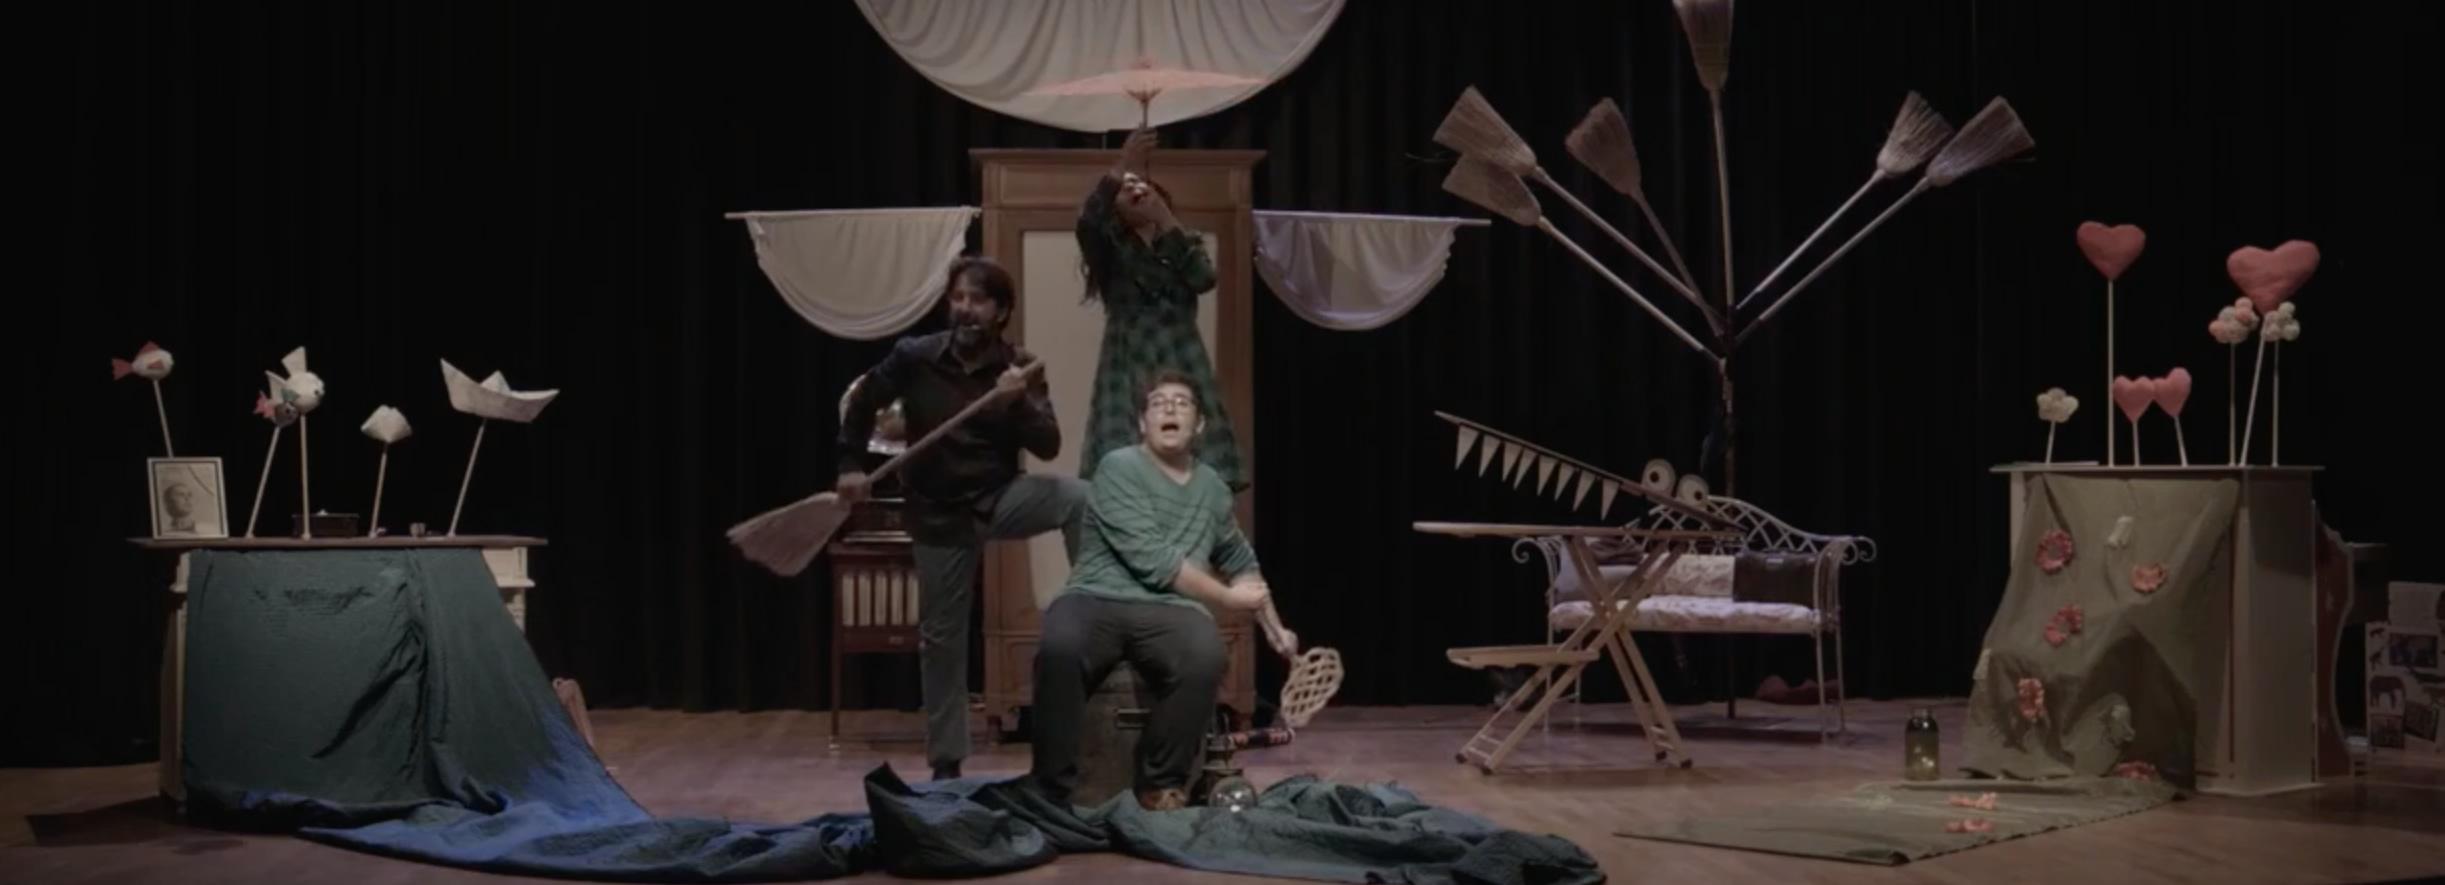 Yo también soy Peter Pan, teatro familiar para reflexionar sobre el ciclo de la vida